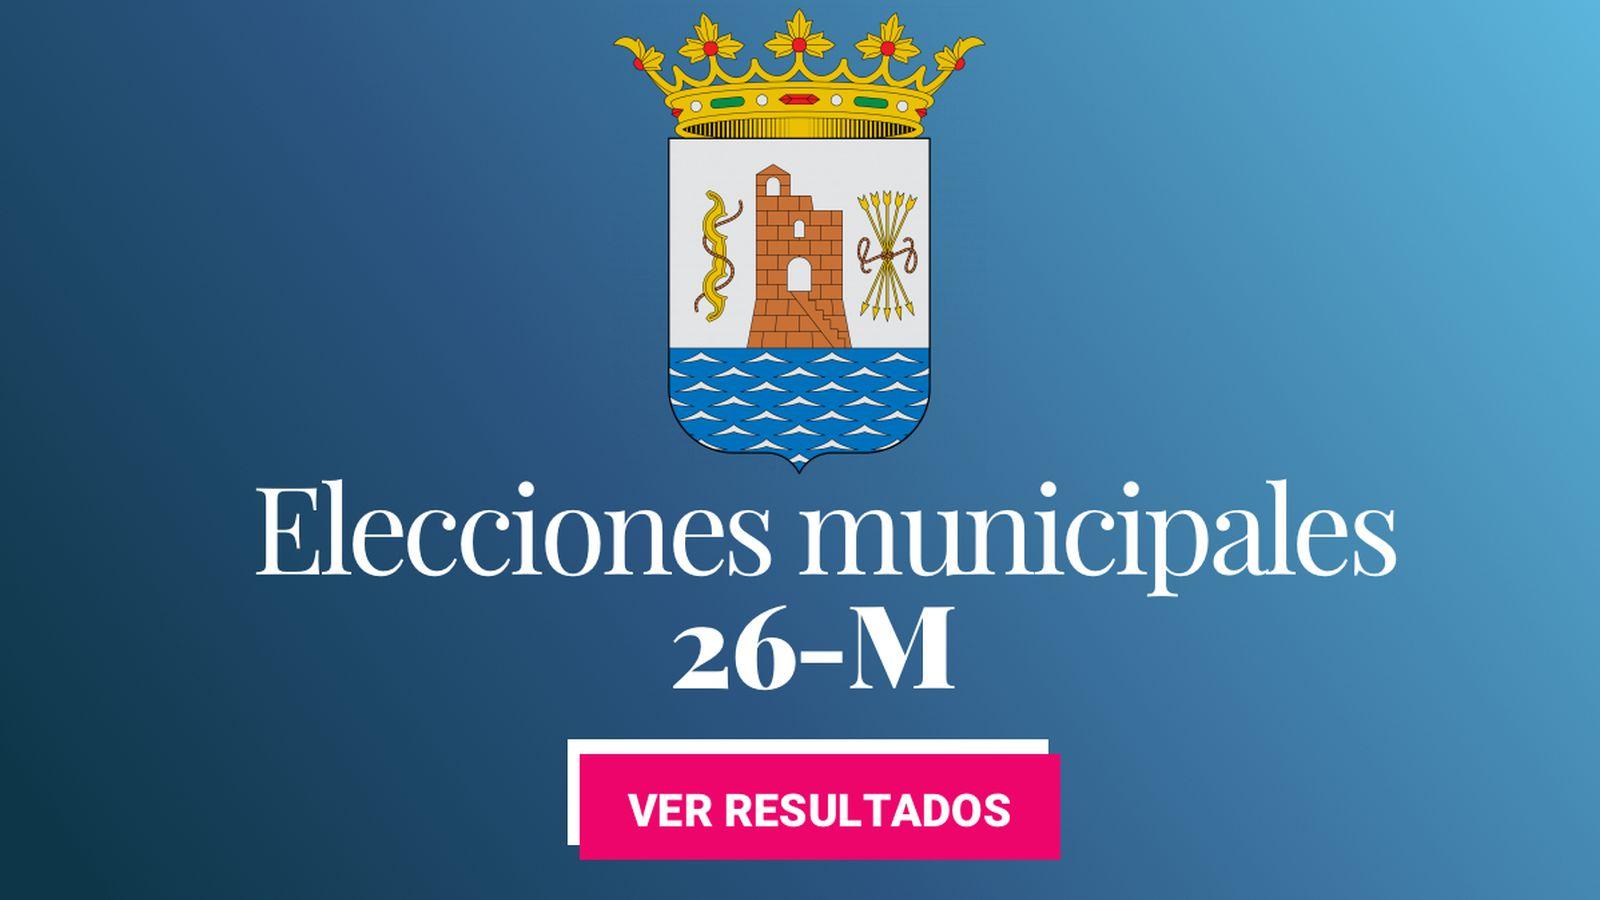 Foto: Elecciones municipales 2019 en Marbella. (C.C./EC)